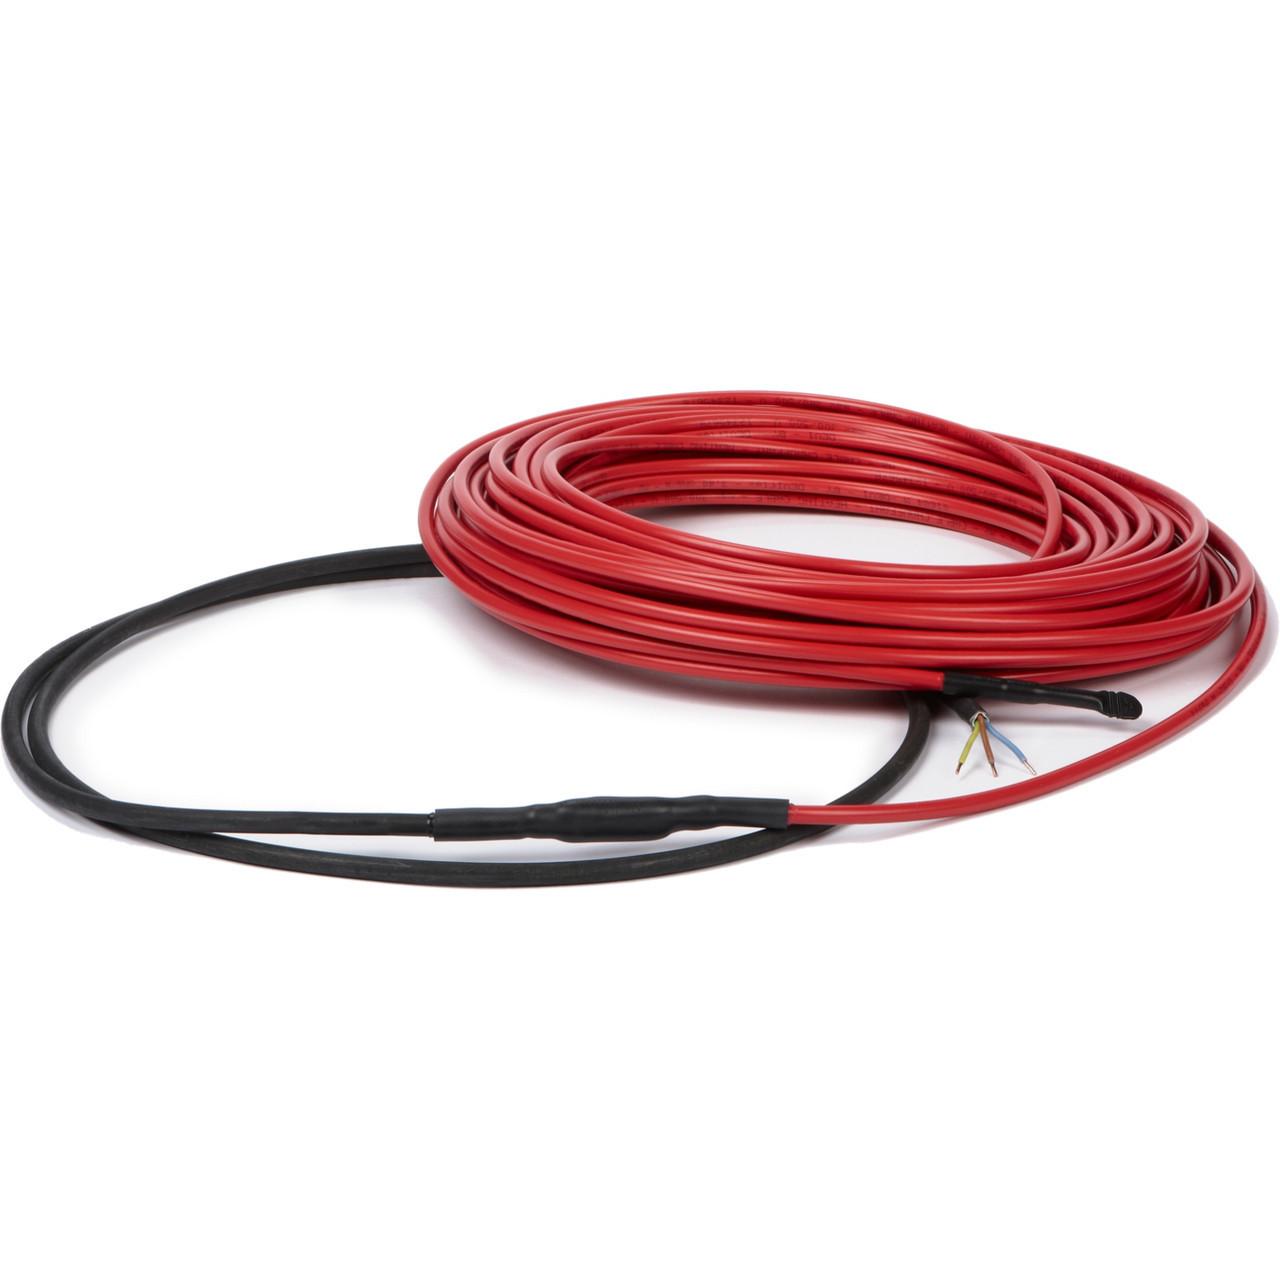 Теплый пол DeviComfort 10T двужильный, тонкий кабель с сплошным экраном, 500W, 3.1 м.кв.(87101108)